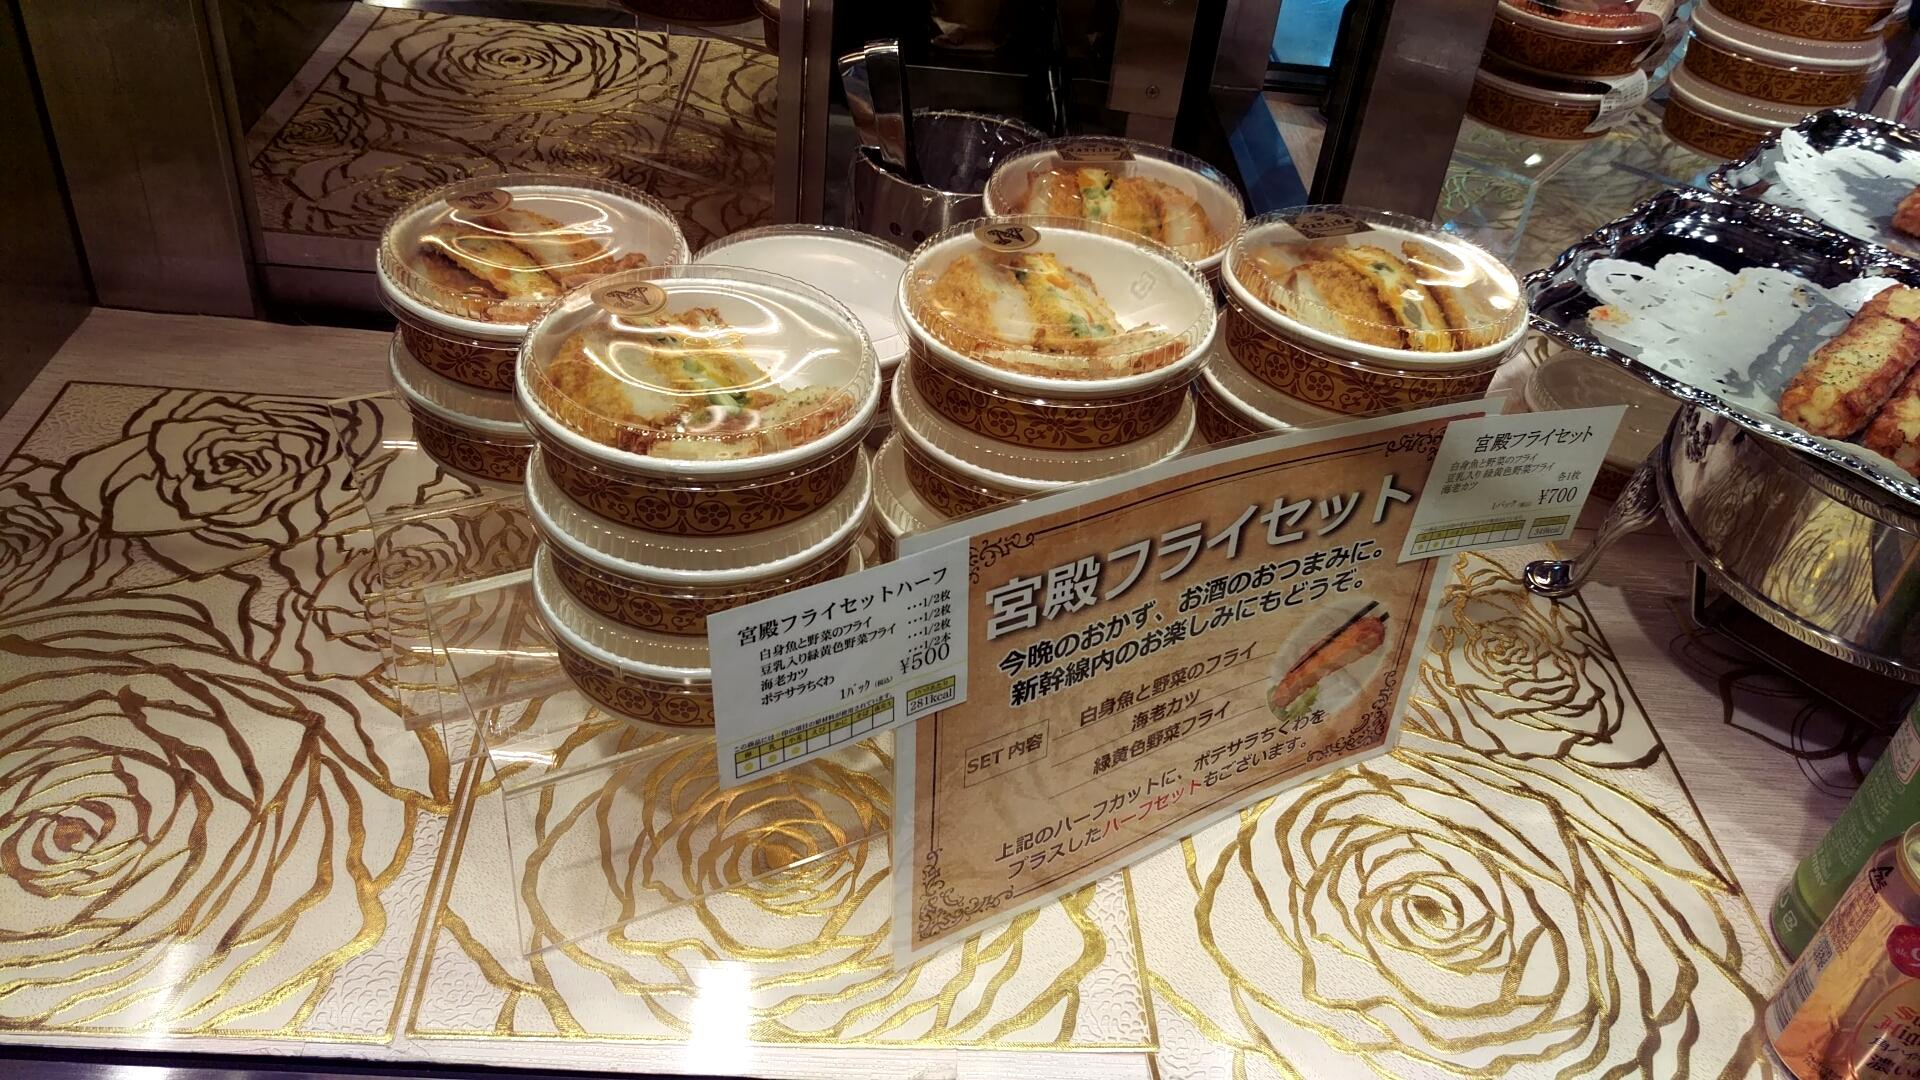 宮殿フライ3種の詰め合わせが700円、ハーフサイズ+ポテサラちくわが500円